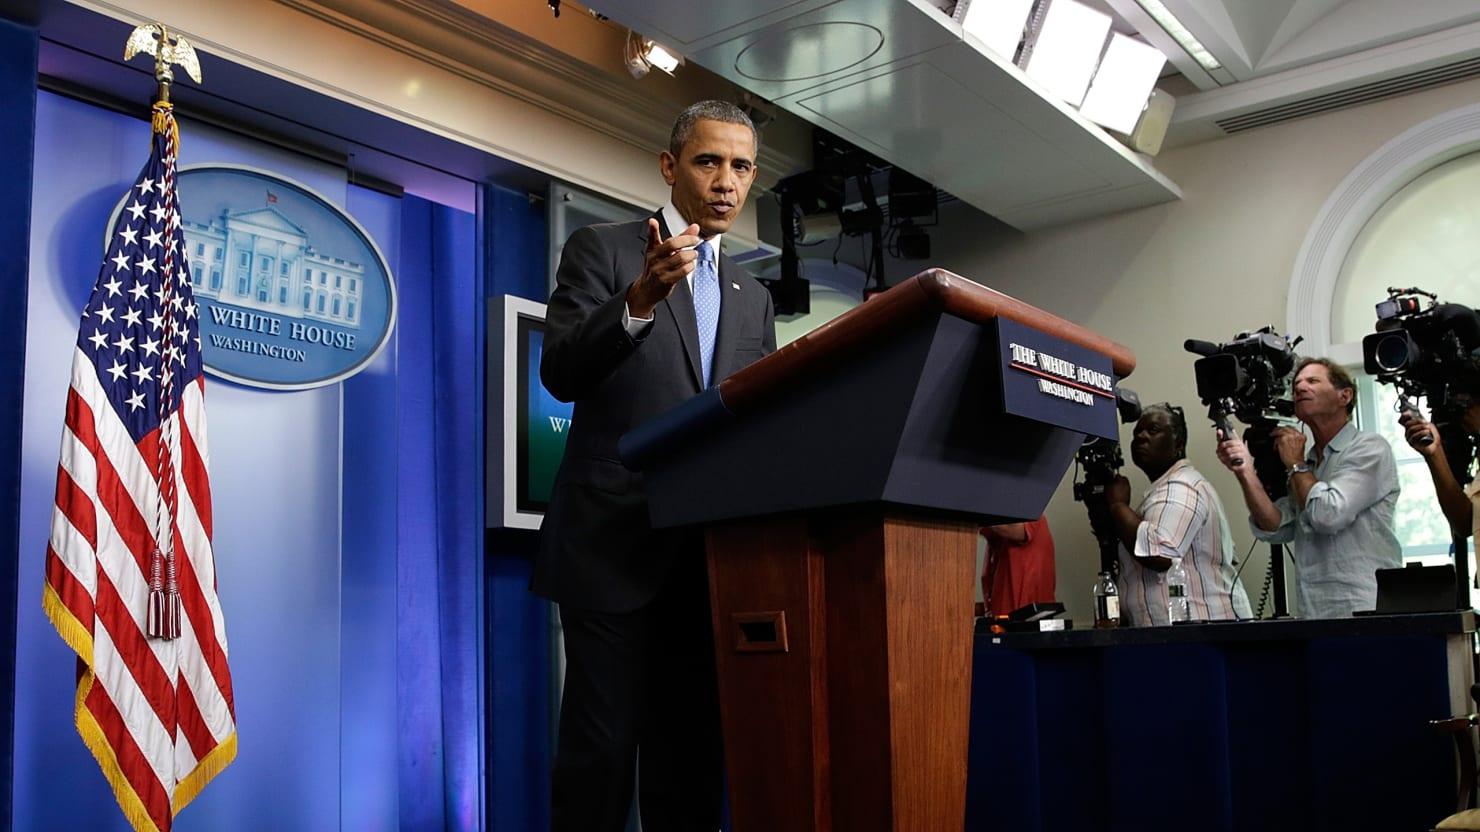 Full Remarks by President Obama on Trayvon Martin